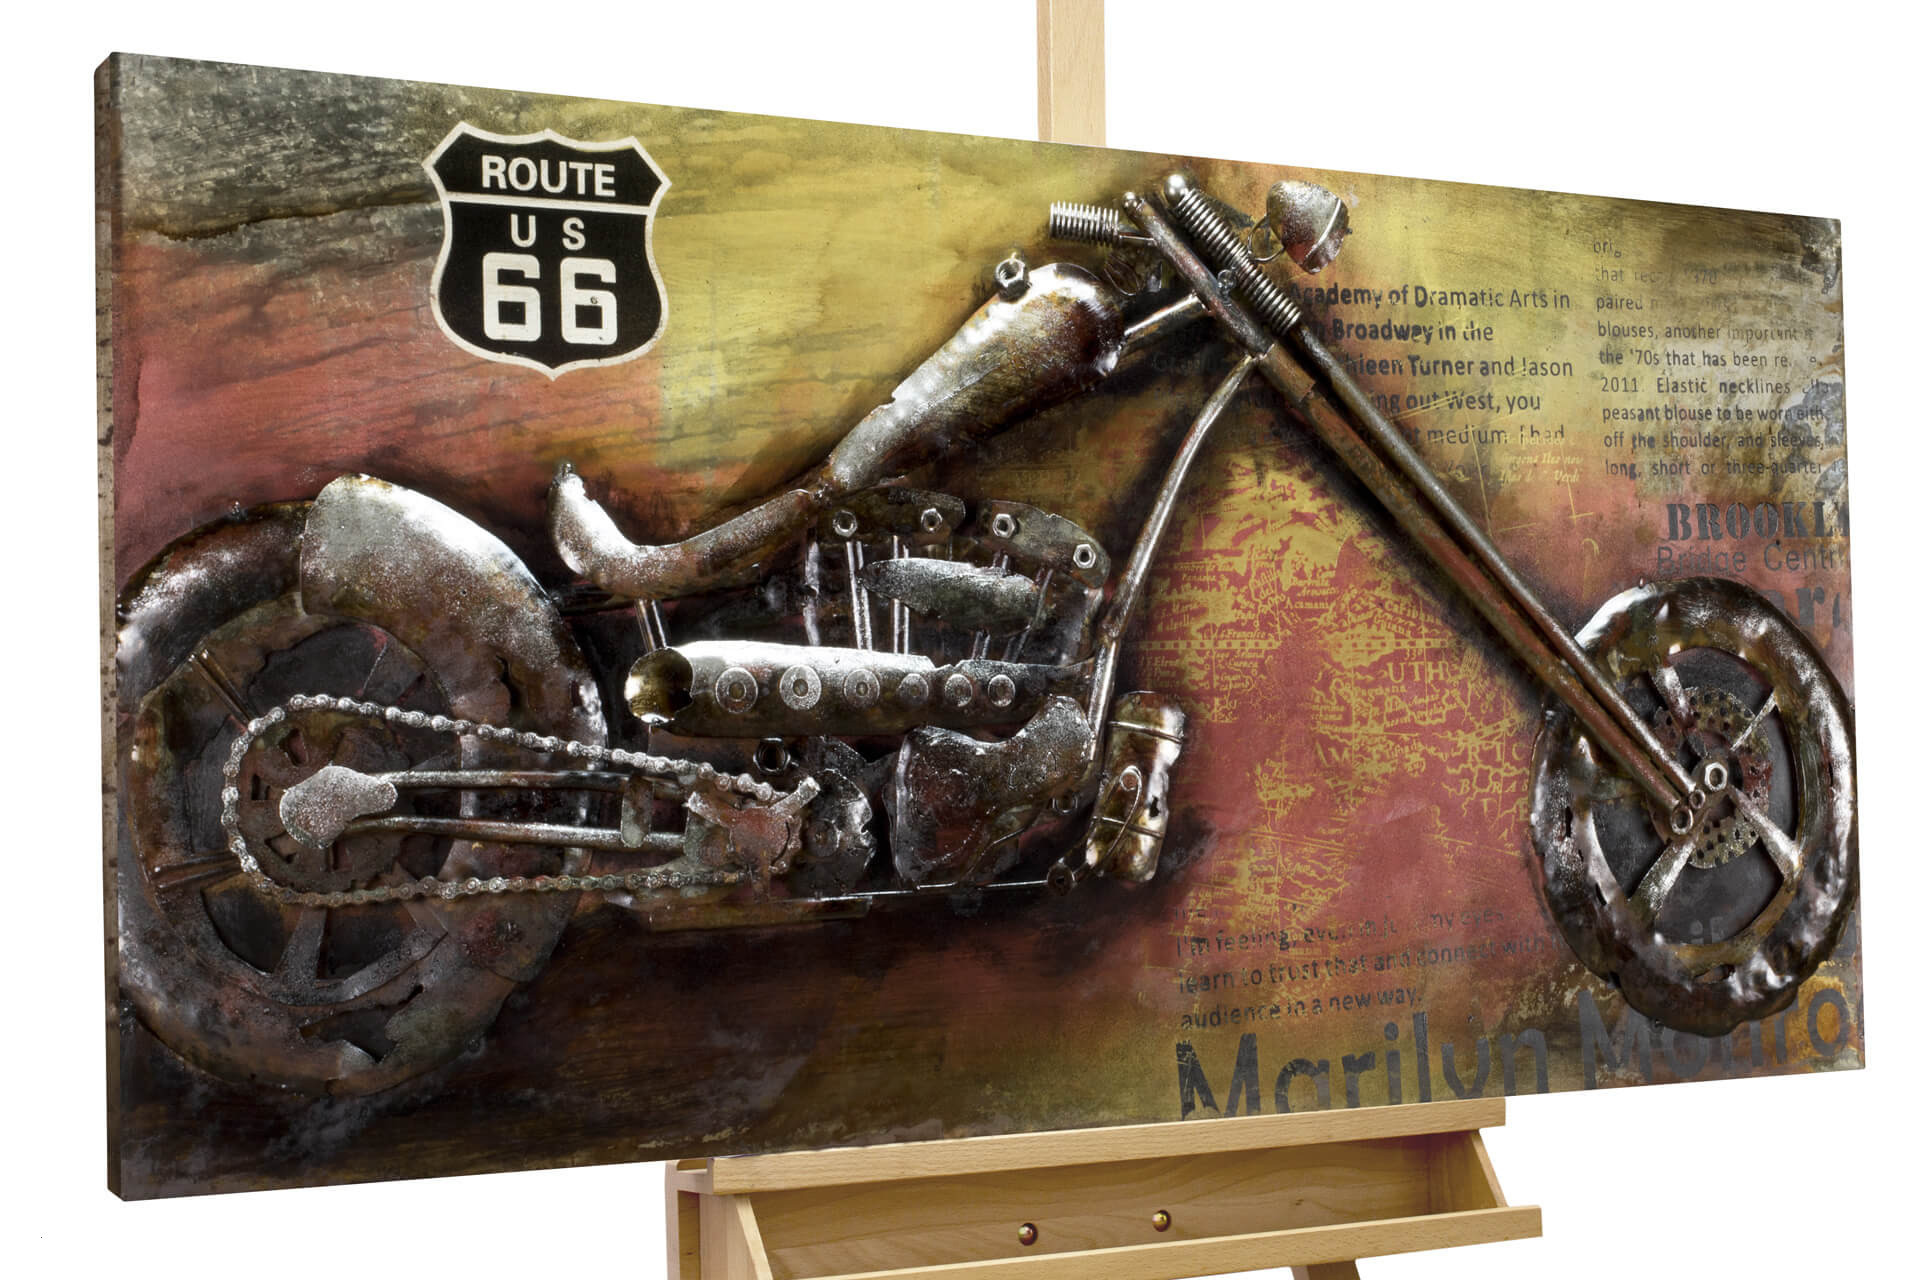 Motorrad Zeichnung Zum Ausmalen Neu 3d Metallbild Relief Motorrad Rot Kaufen Einzigartig Ausmalbilder Fotografieren